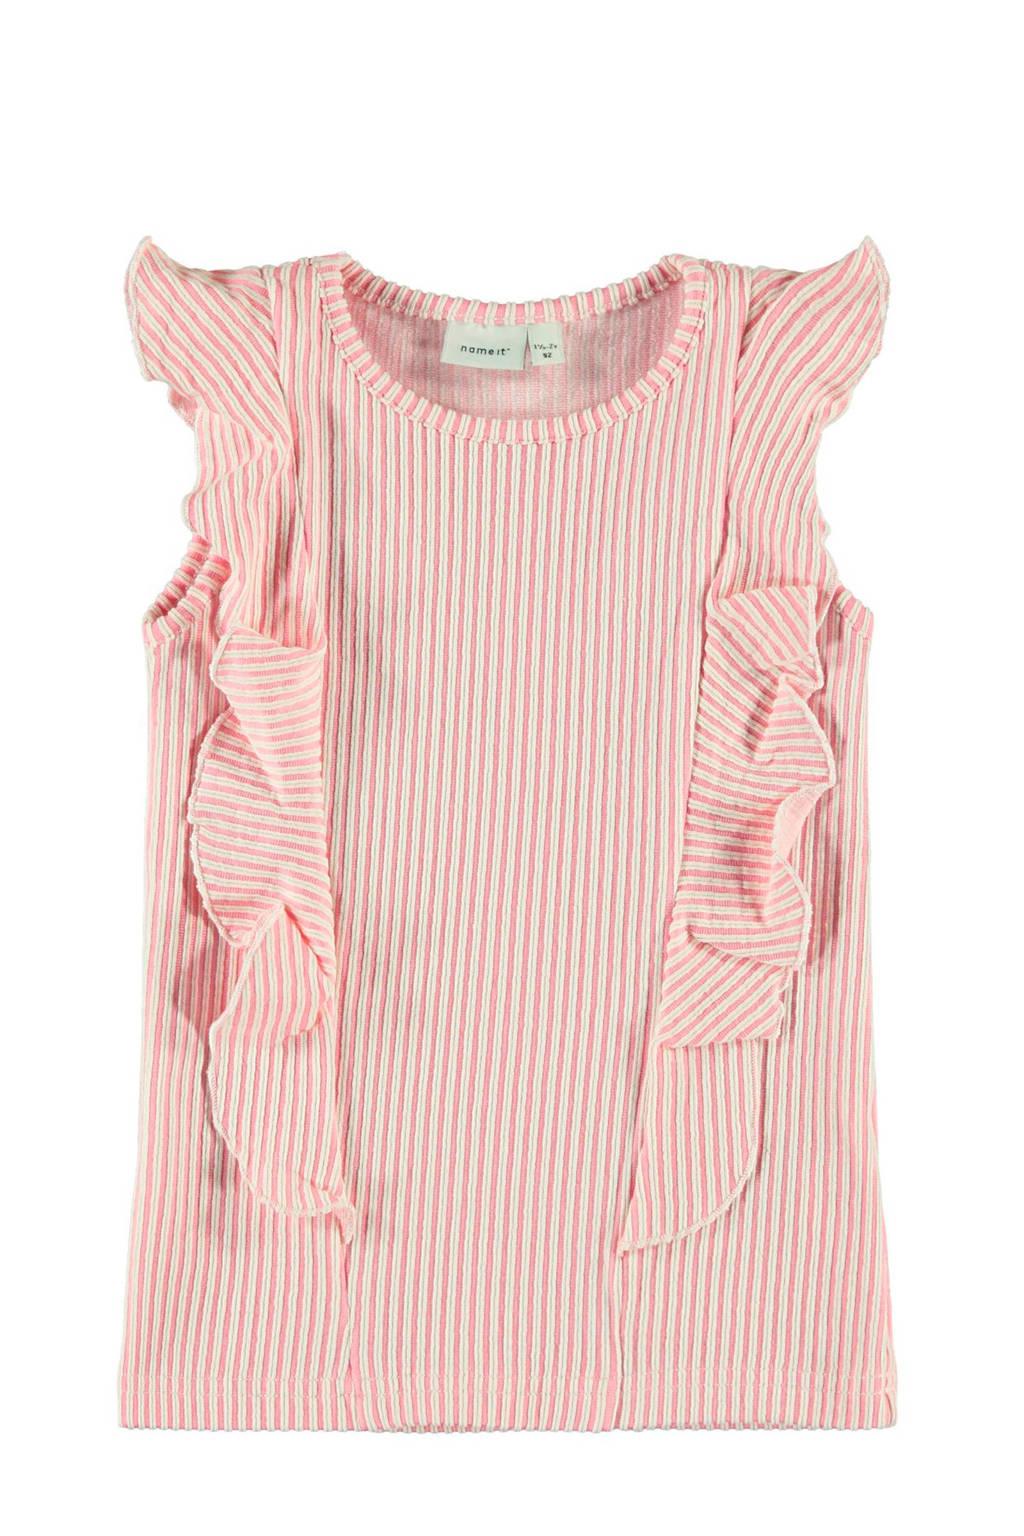 NAME IT MINI gestreepte top Fastripe roze/wit, Roze/wit